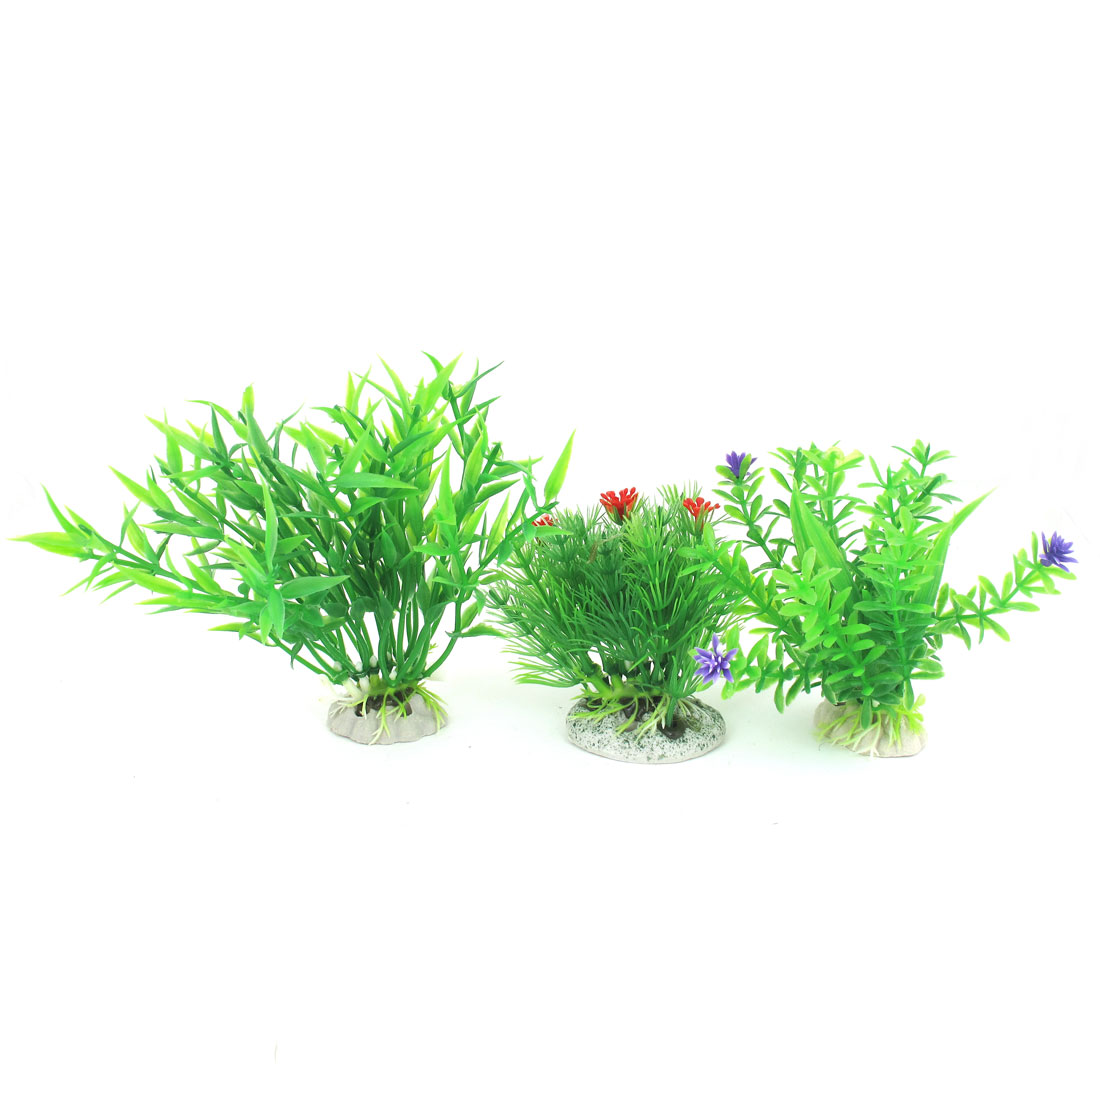 3 Pcs Green Emulational Aquarium Fish Tank Plants Decoration